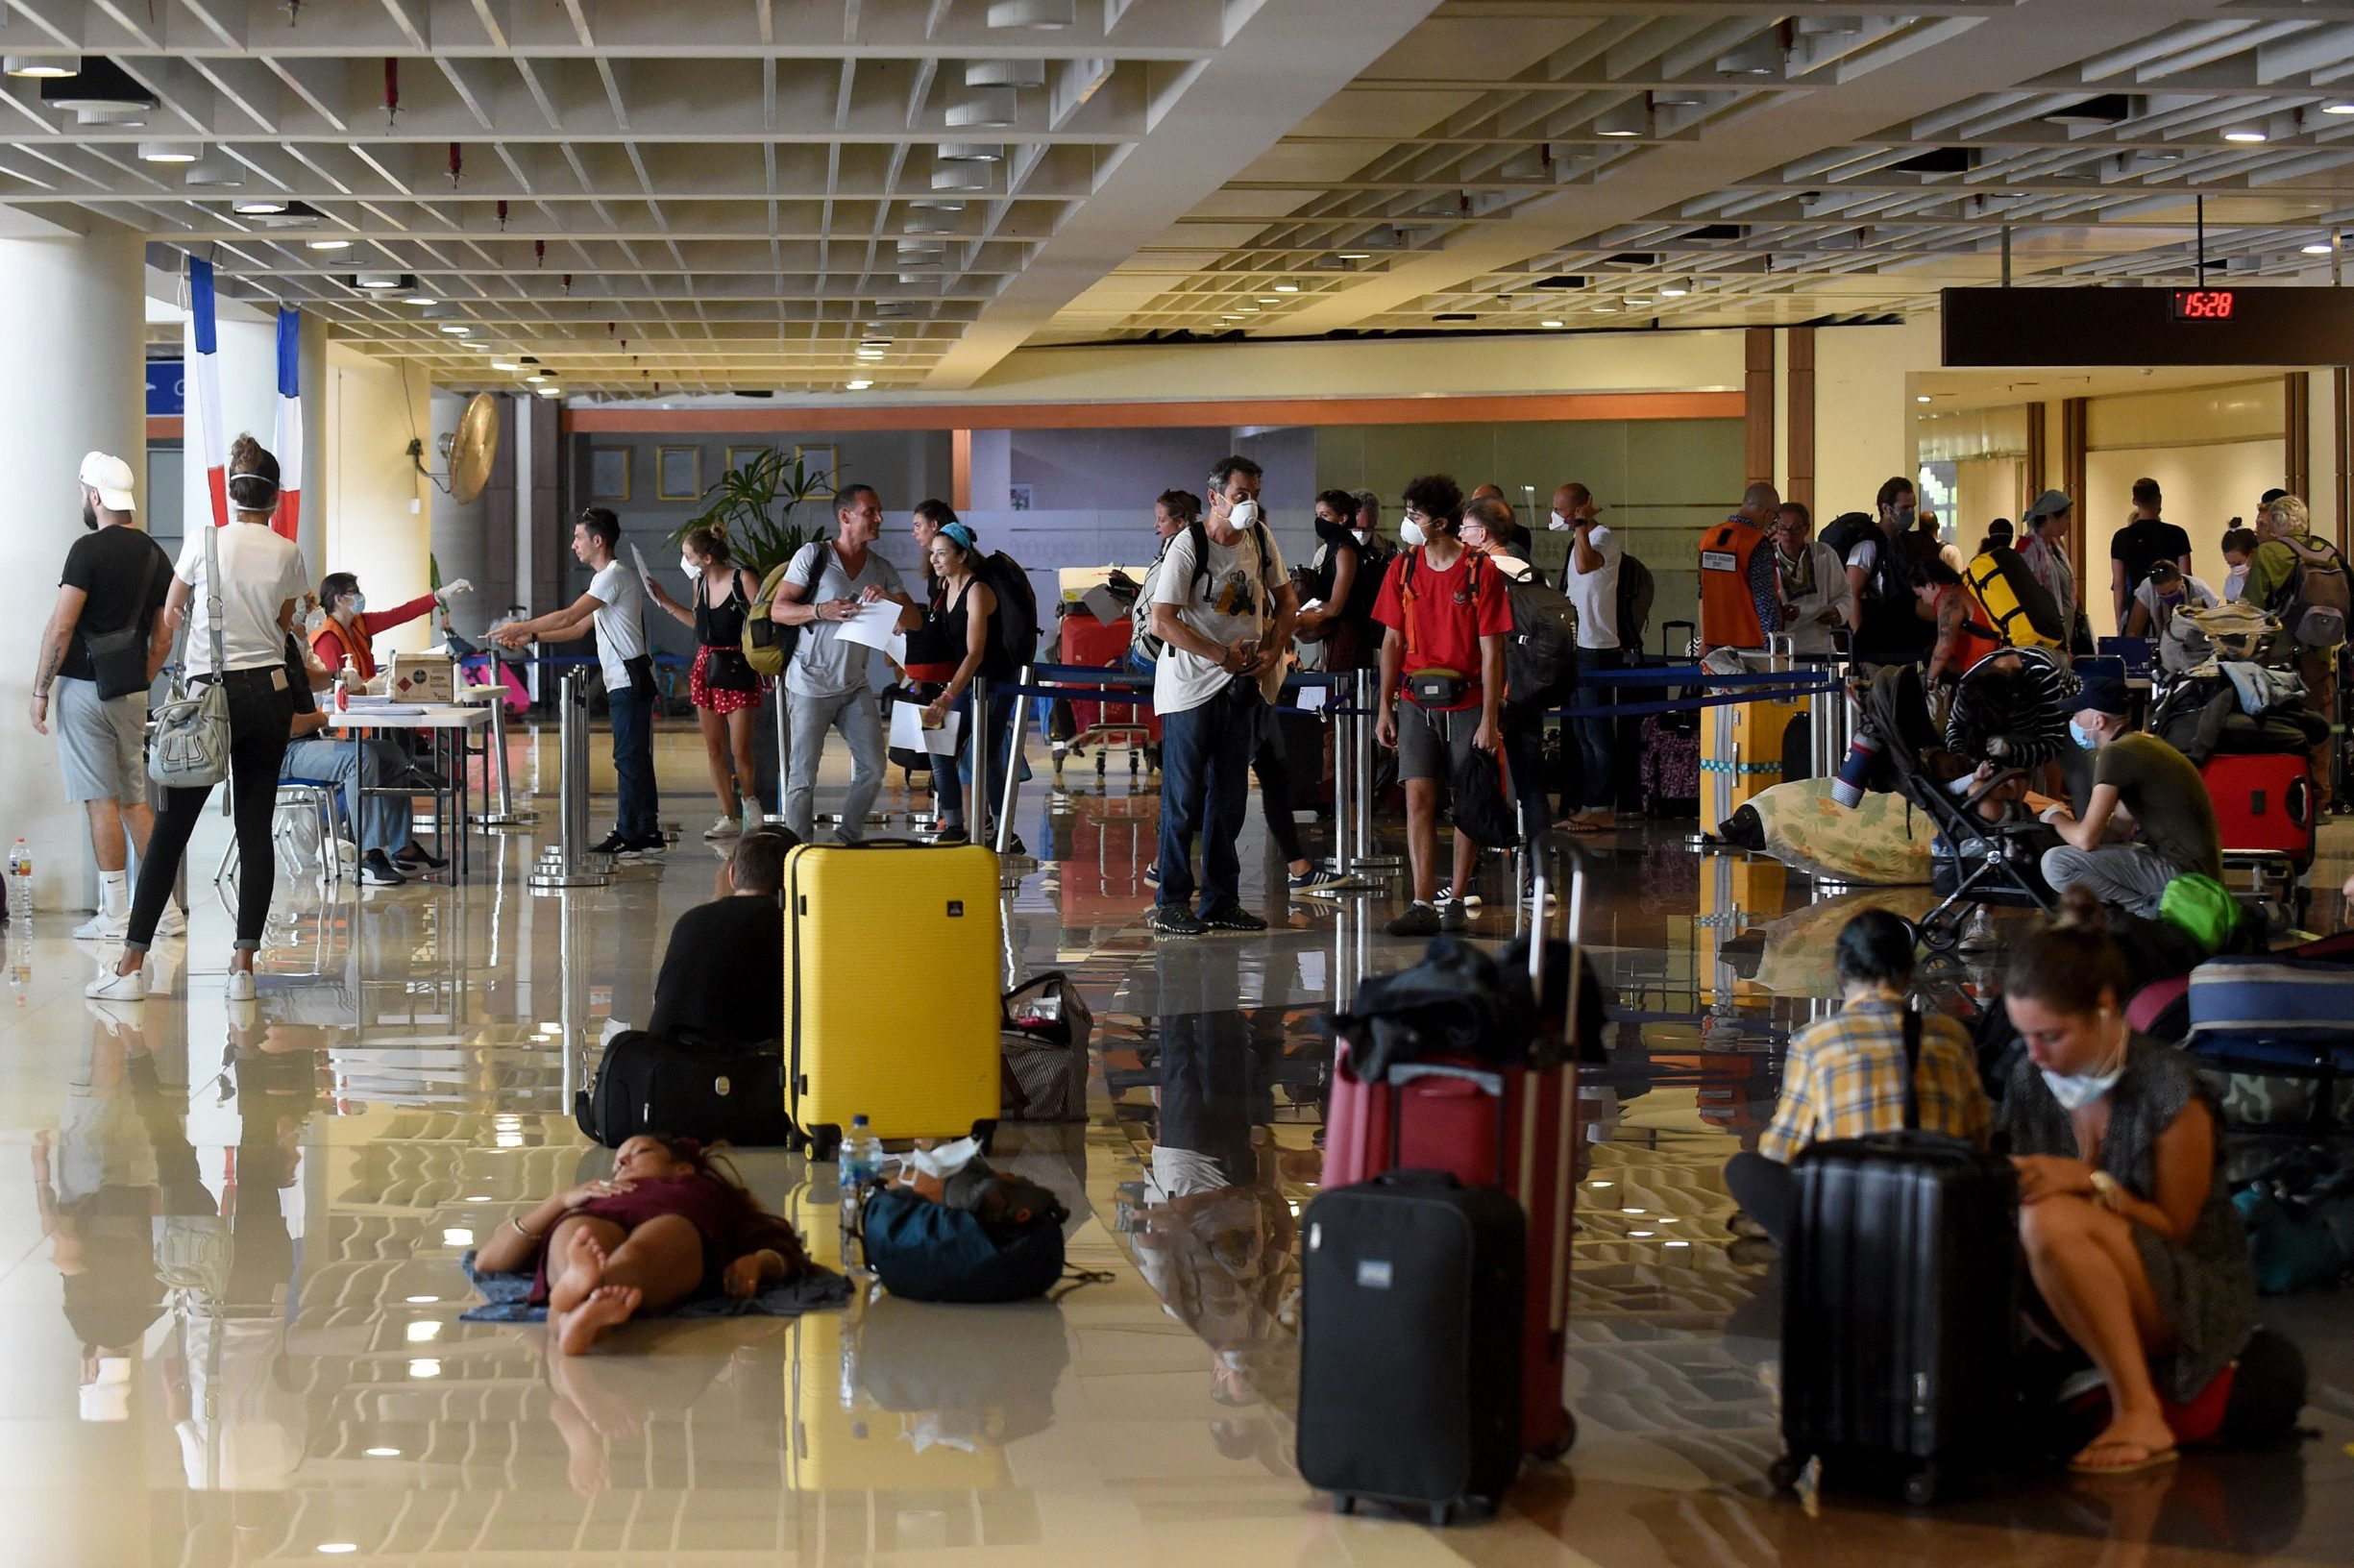 Turisti zatočeni na Baliju u prostorijama Međunarodne zračne luke Ngurah Rai čekaju evakuaciju